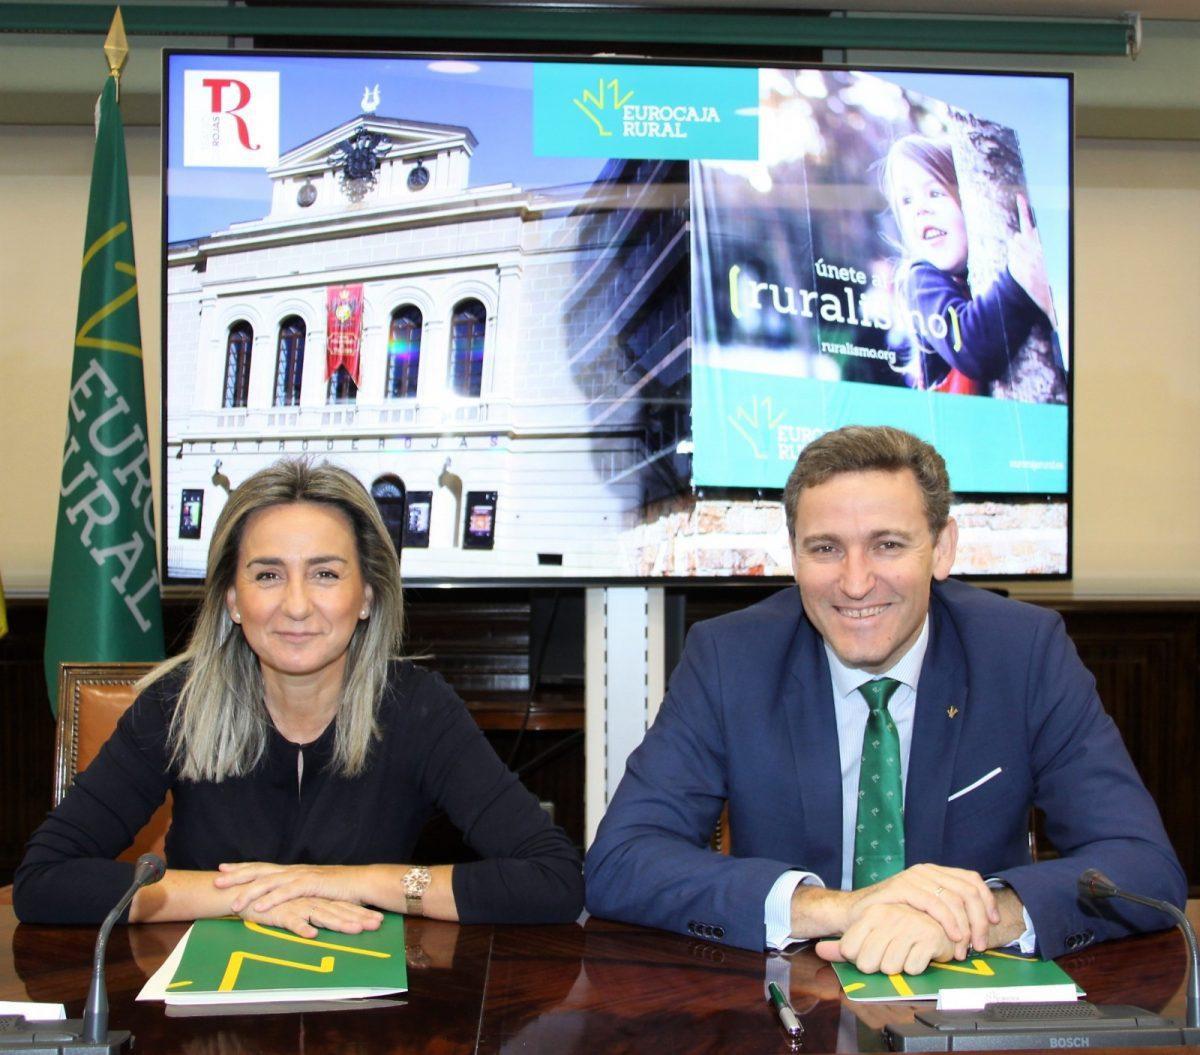 http://www.toledo.es/wp-content/uploads/2020/01/20200109-convenio-teatro-de-rojas-1200x1055.jpg. El Ayuntamiento y Eurocaja Rural prolongan su colaboración para la programación del Teatro de Rojas hasta el año 2022